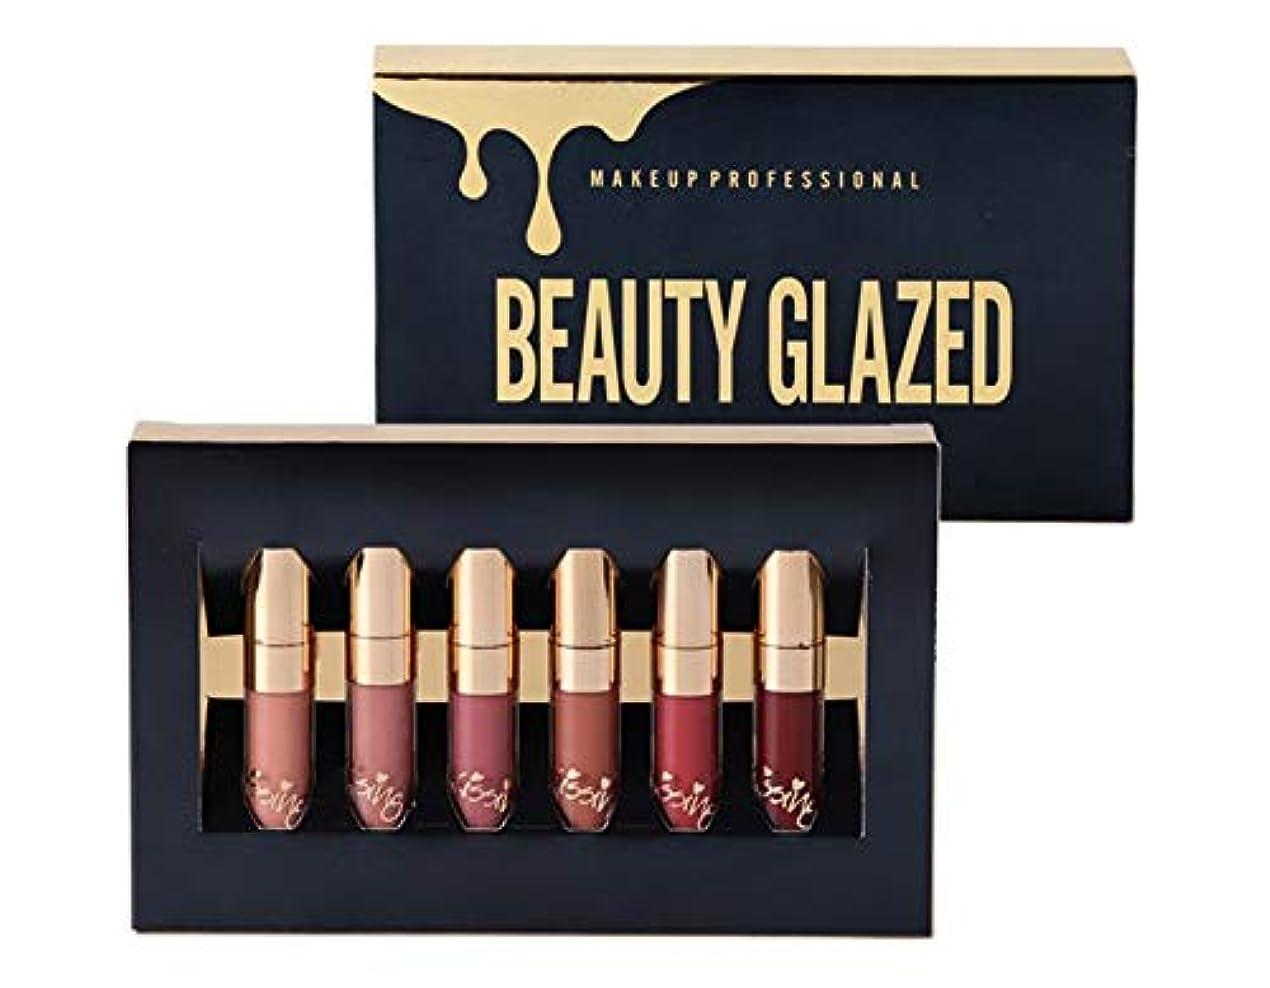 うんざり脳ペレットBEAUTY GLAZED 6Pcs/set Liquid Matte Lipstick Easy To Wear Long-lasting Lip Gloss Waterproof Nude Lip Lipsticks Make up